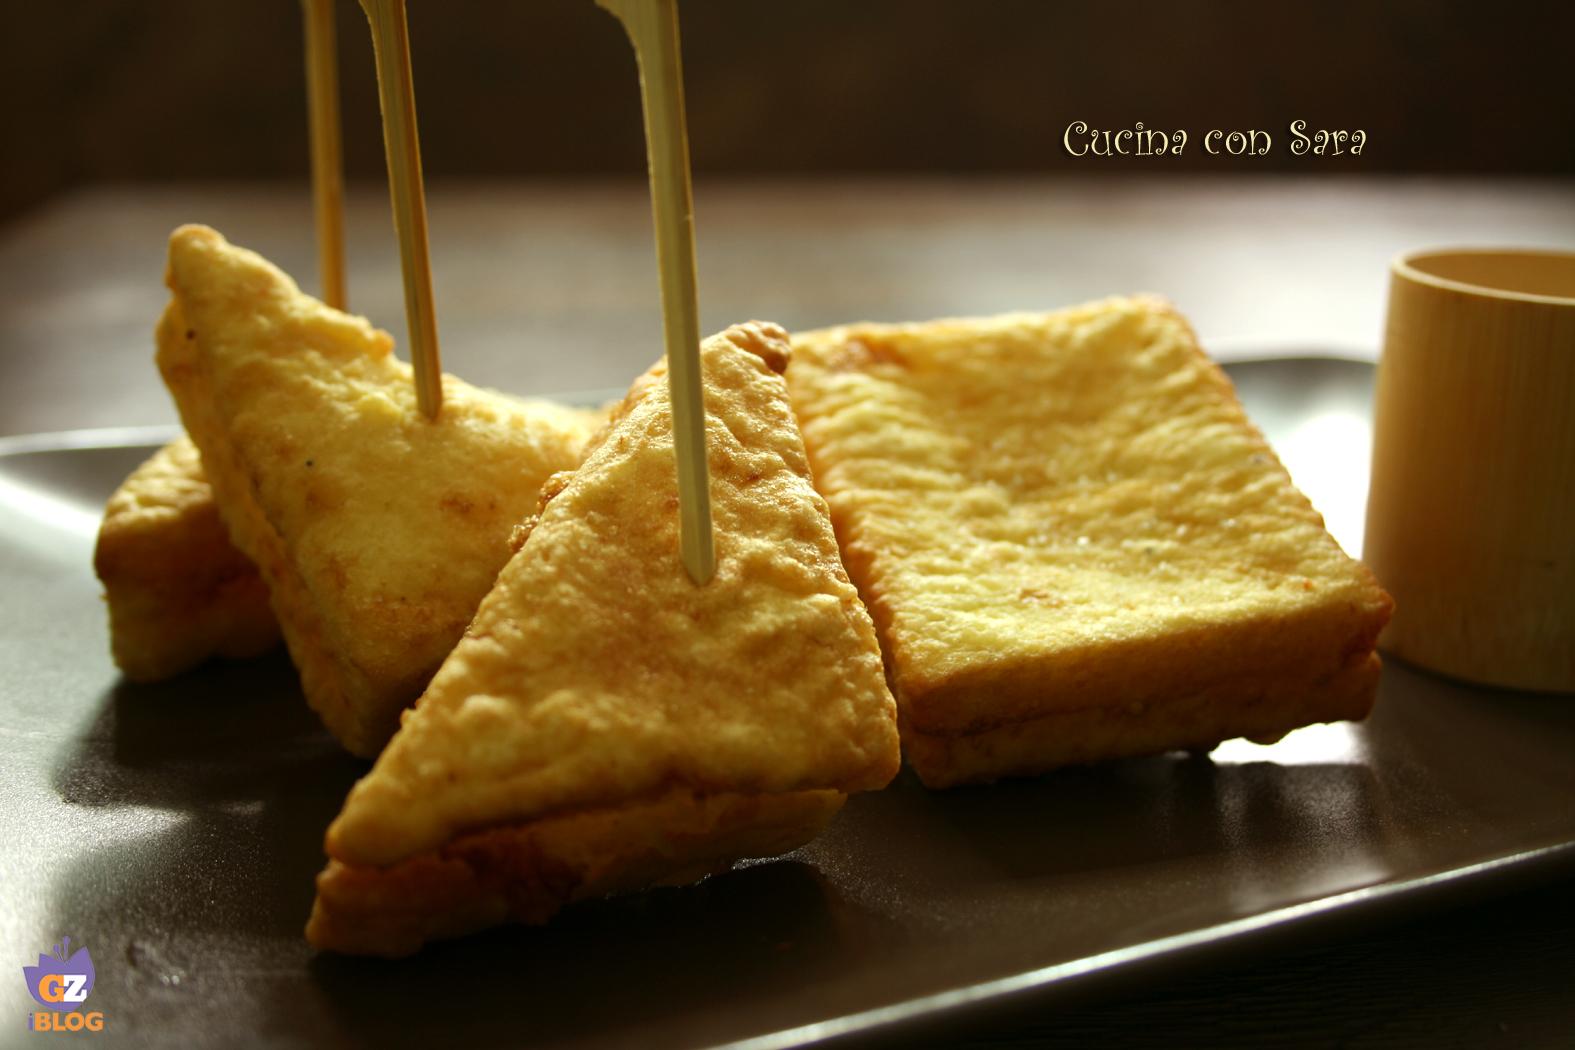 Mozzarella in carrozza cucina con sara - Cucina con sara ...